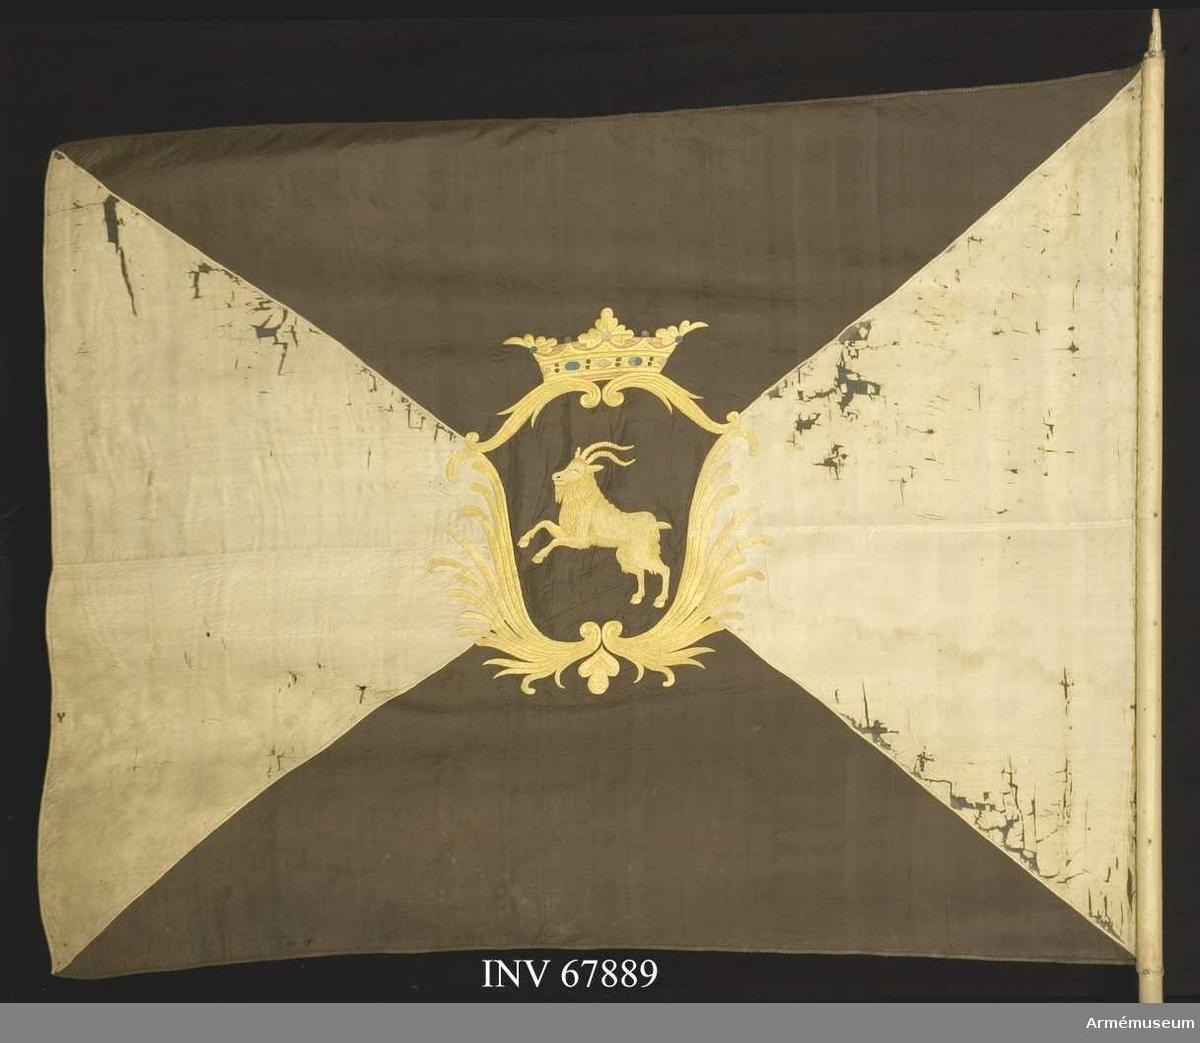 Duk: Fyrstyckad, tillverkad av enkel svart och vit sidenkypert. De vita fälten sydda av två våder.  Dekor:  Broderad - en sköld av stiliserade palmkvistar i gult silke, krönt av en öppen krona i gult silke med foder i rött och stenar i rött och blått silke. Däri Hälsinglands vapen: en bock i gult silke på ett fält av svart siden. Broderierna utförda i dubbelsidig plattsöm.  Kantad med sidenband, vitt på de vita fälten, svart på de svarta.    Fäst vid stången med förgyllda spikar på vitt sidenband. Stång av vitmålad furu. Saknar spets och holk.